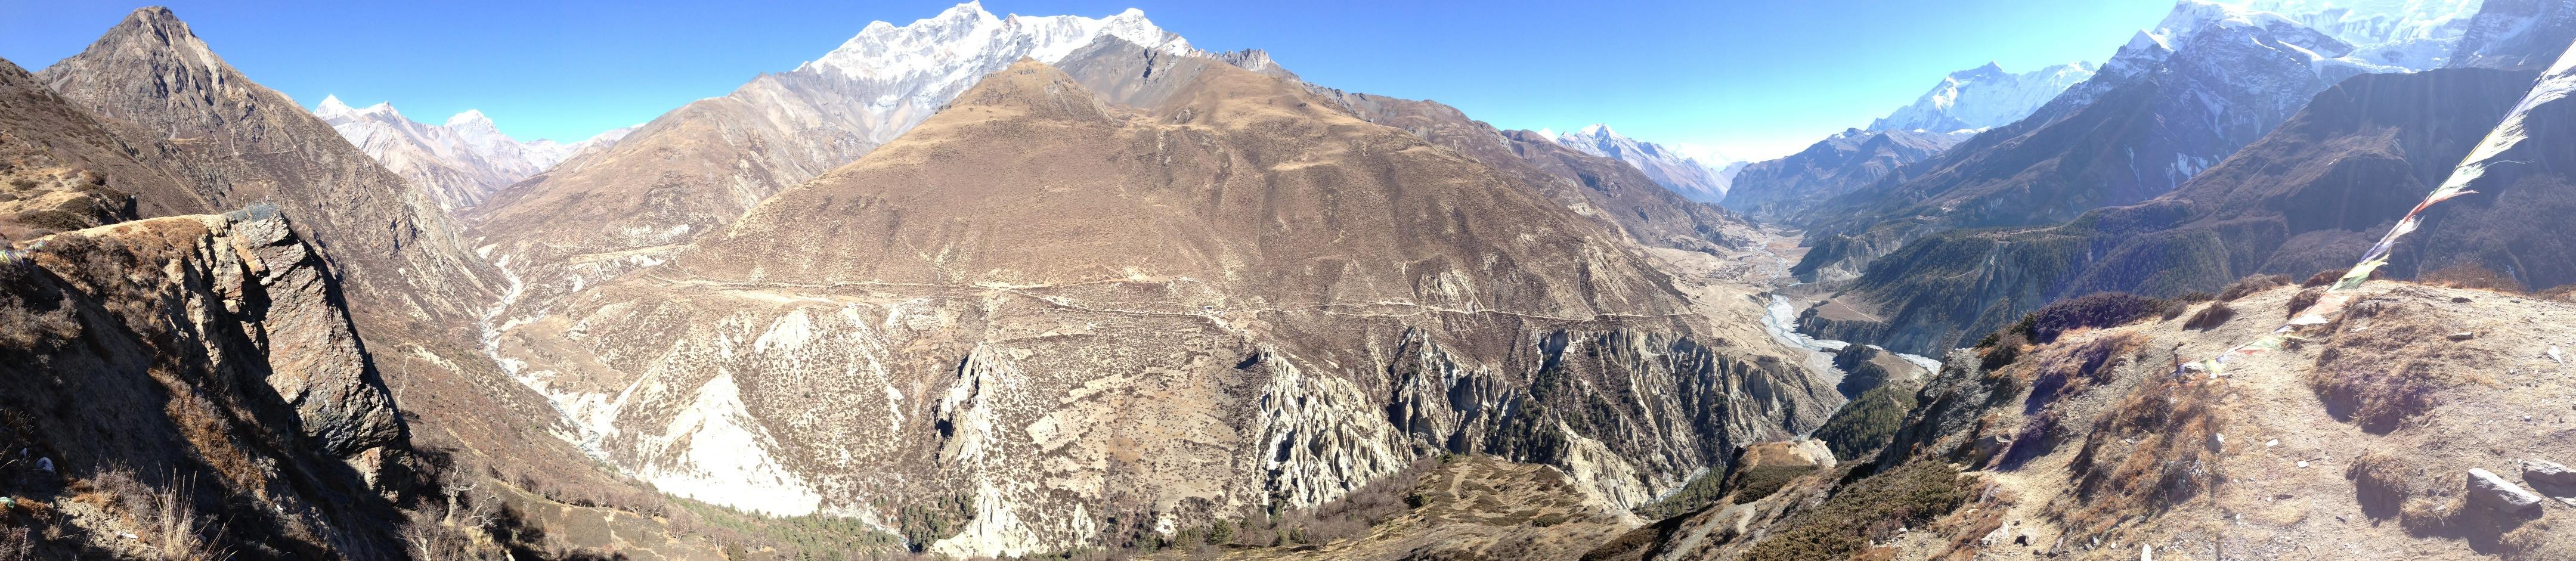 Aussicht von einer Krete oberhalb Manang (ca. 4200 m)